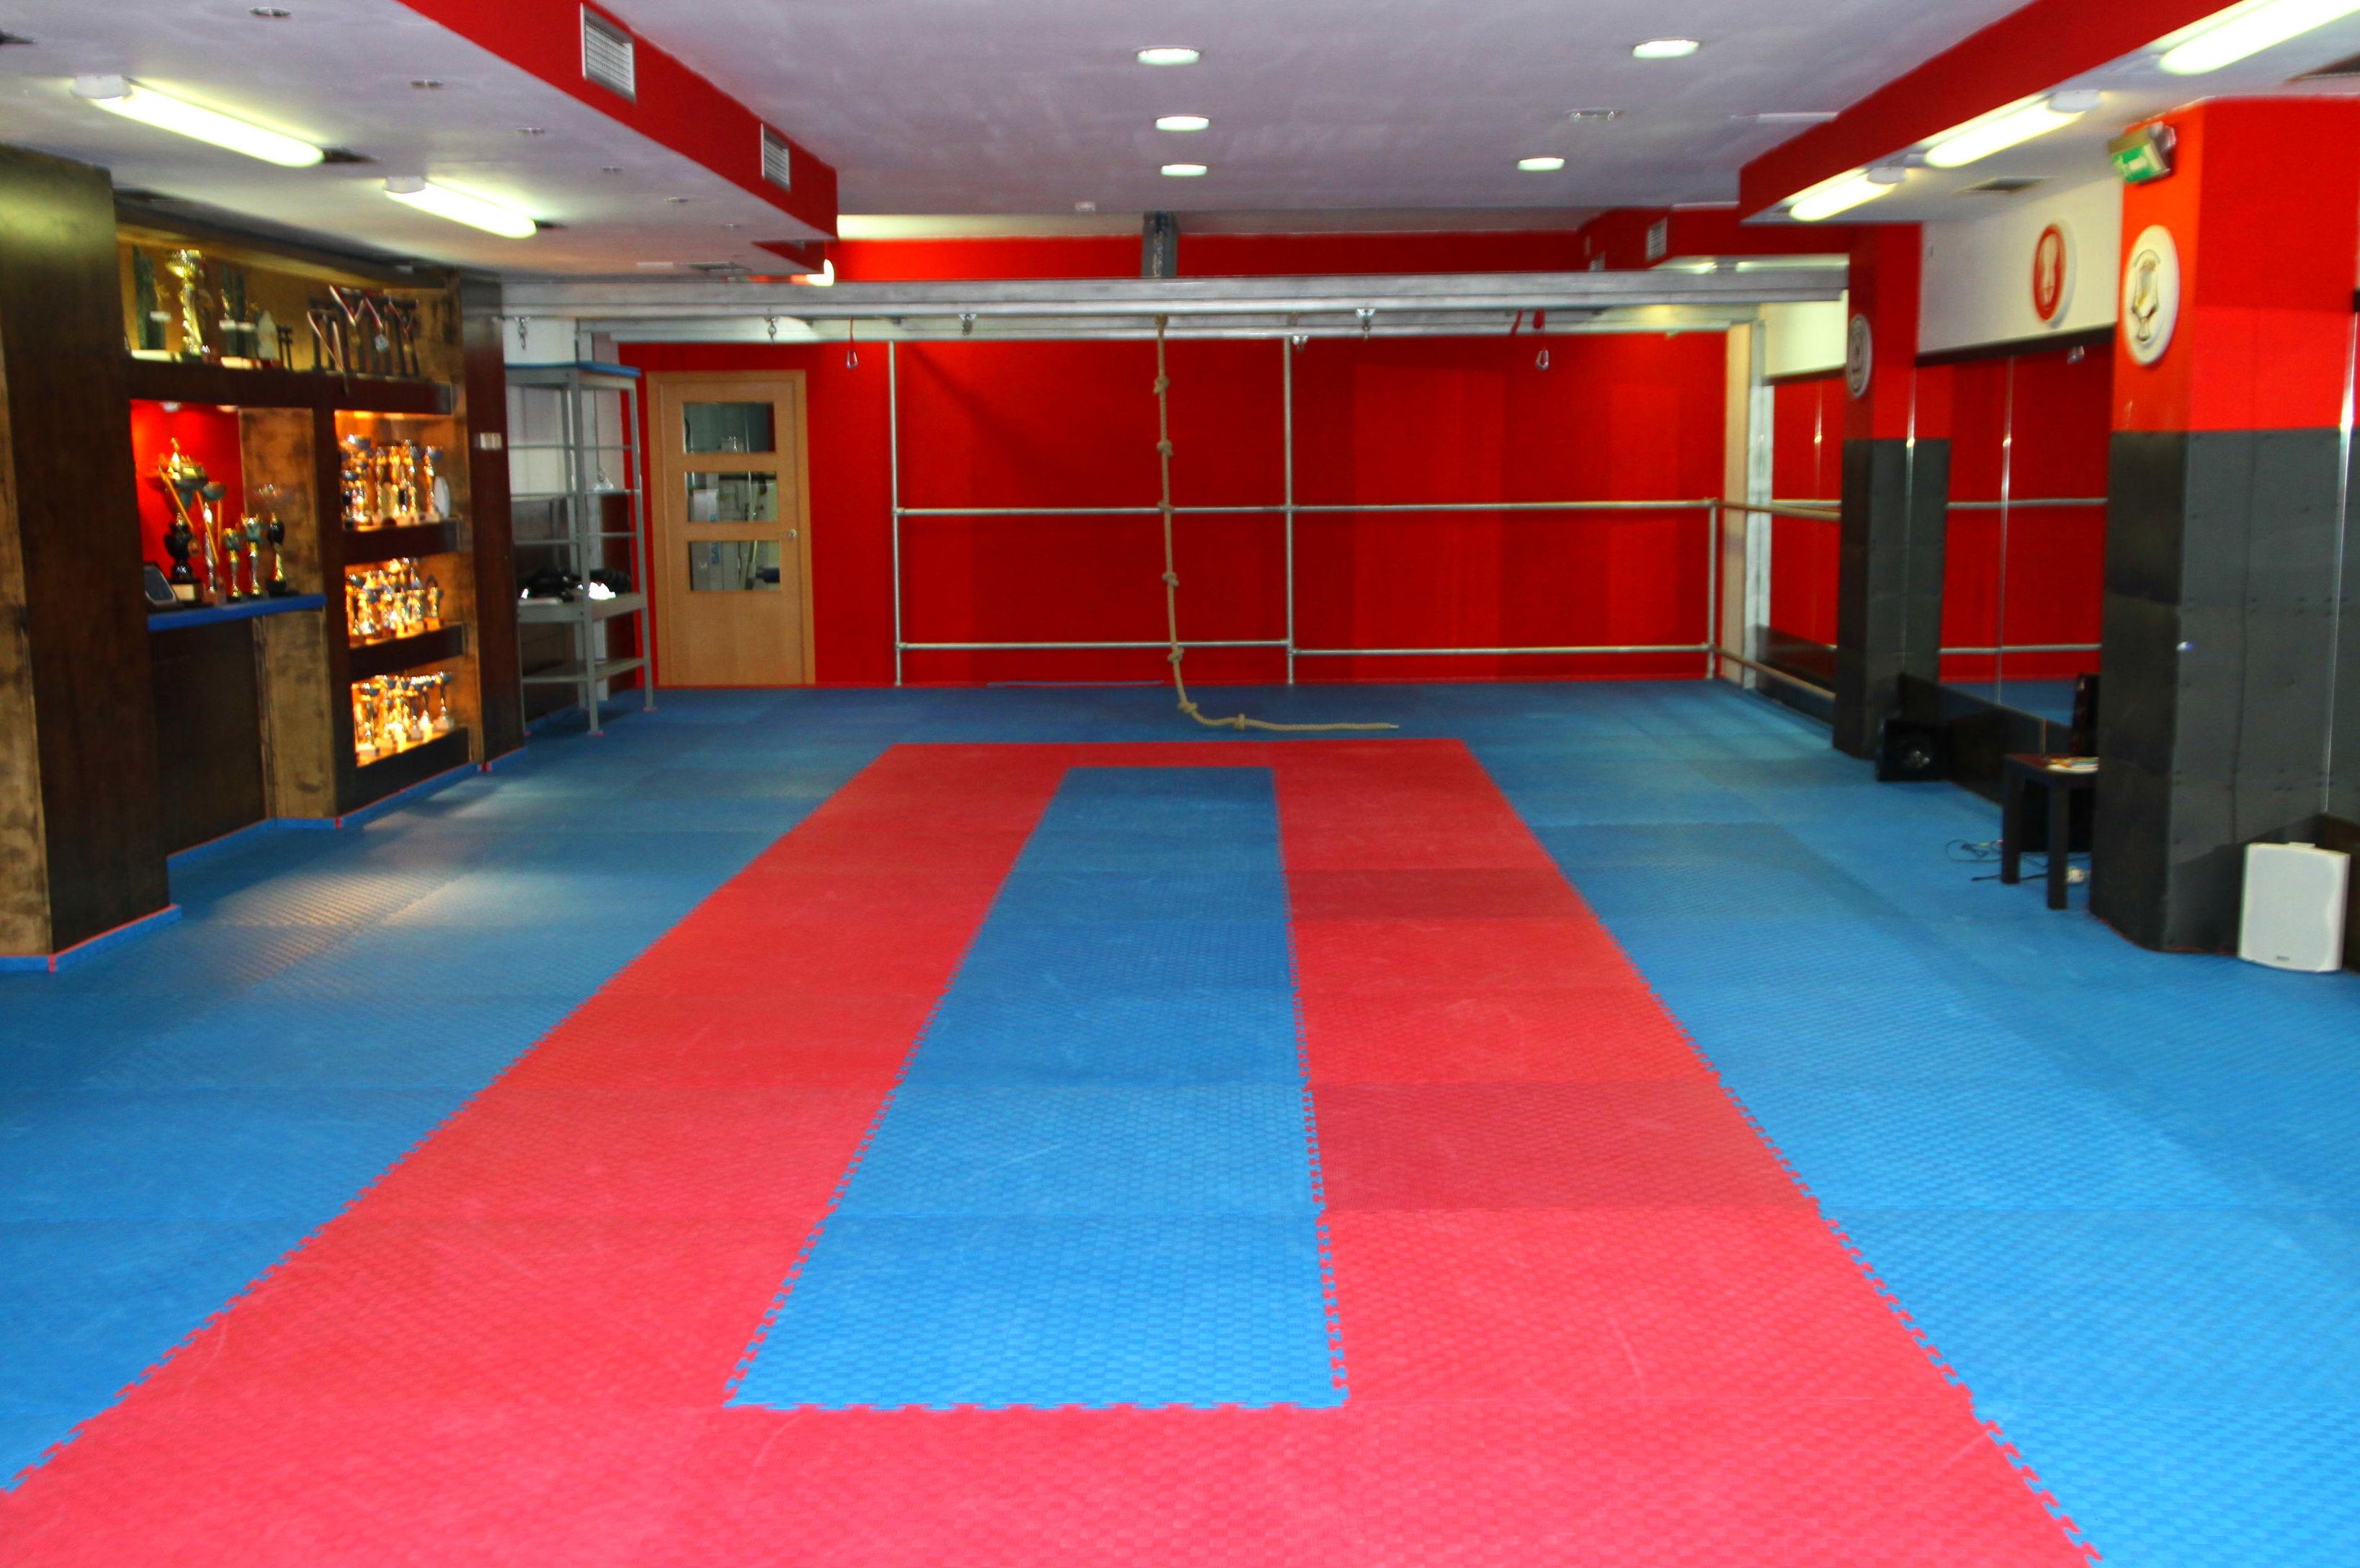 La mejor sala para practicar artes marciales de la zona